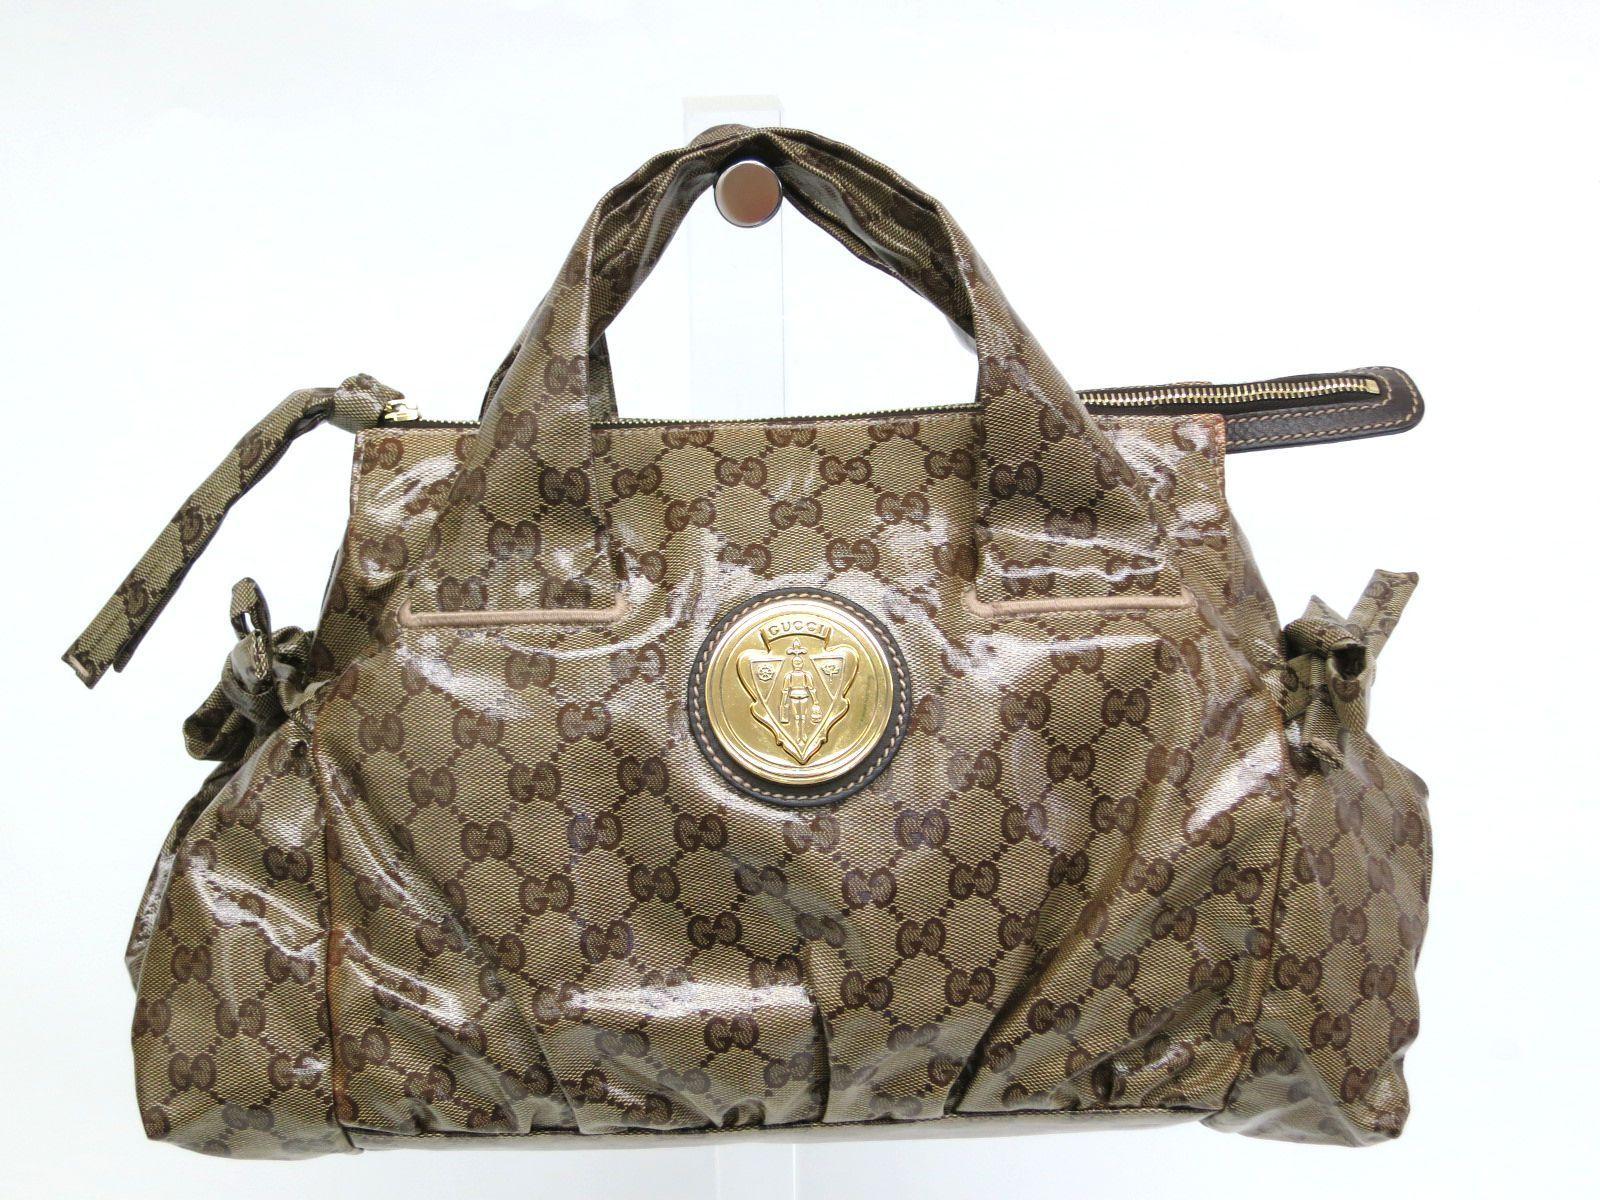 5190558ce18 Gucci GG Monogram Crystal Hysteria Handbag - Luxurylana Boutique